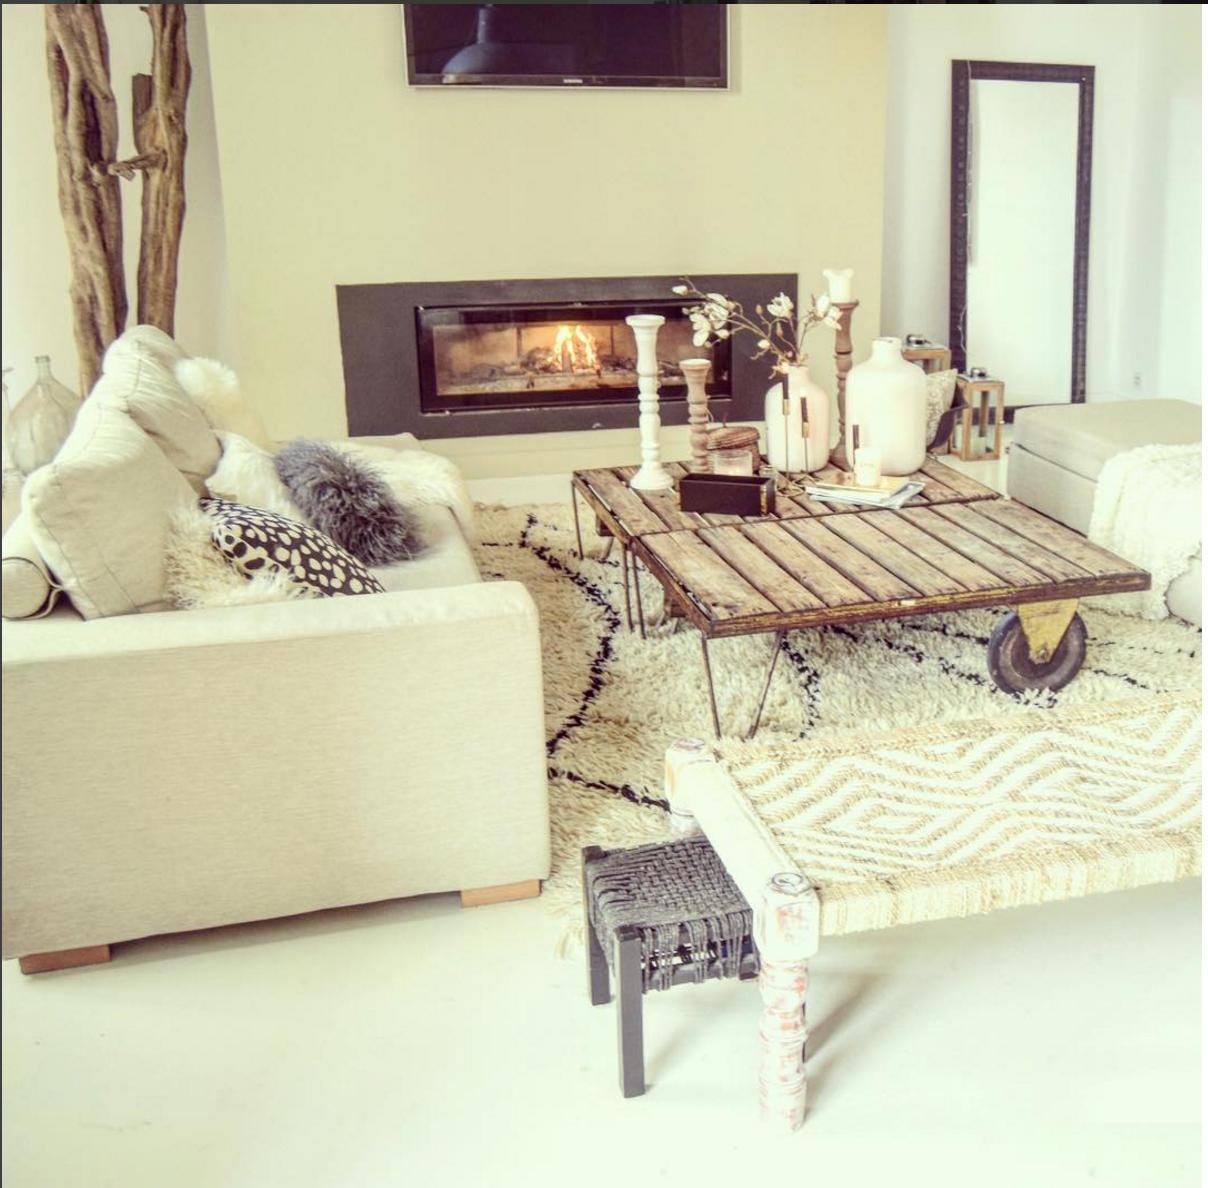 10 comptes instagram d co suivre pierre papier ciseaux for Decoration maison instagram